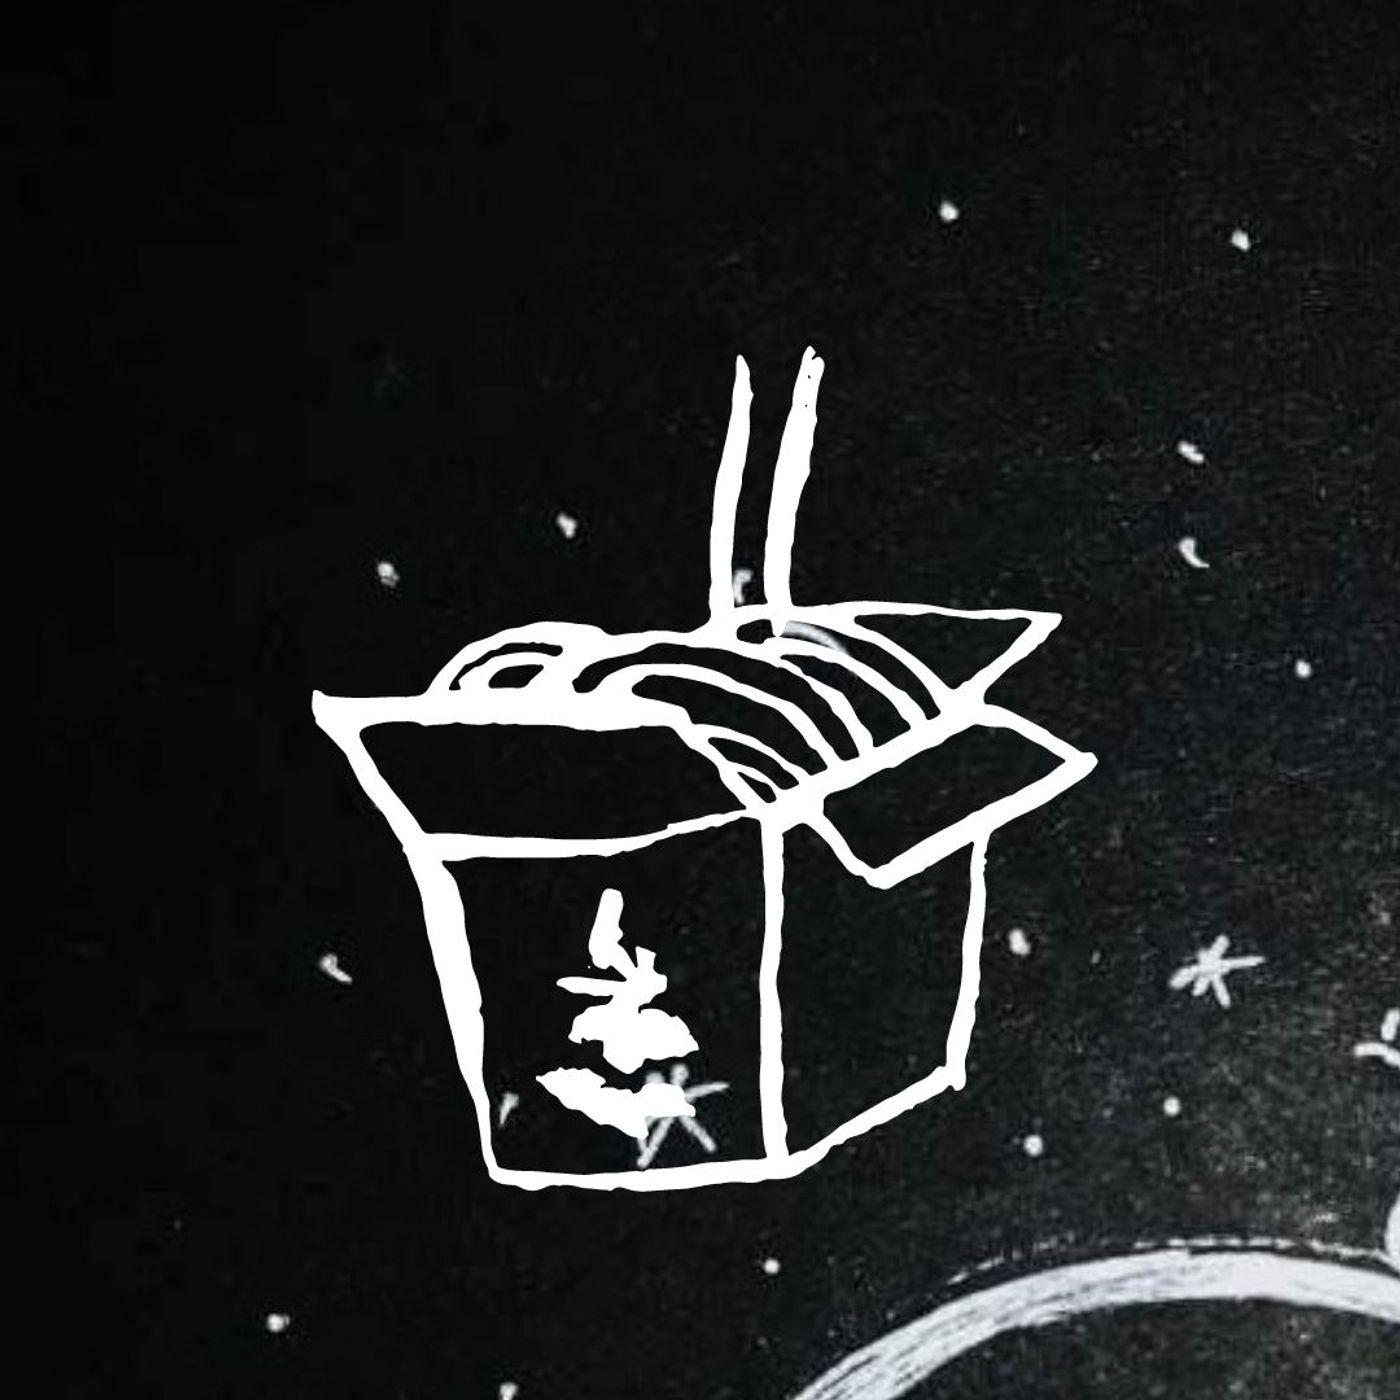 [עושים חלל] כך תשתלט סין על החלל